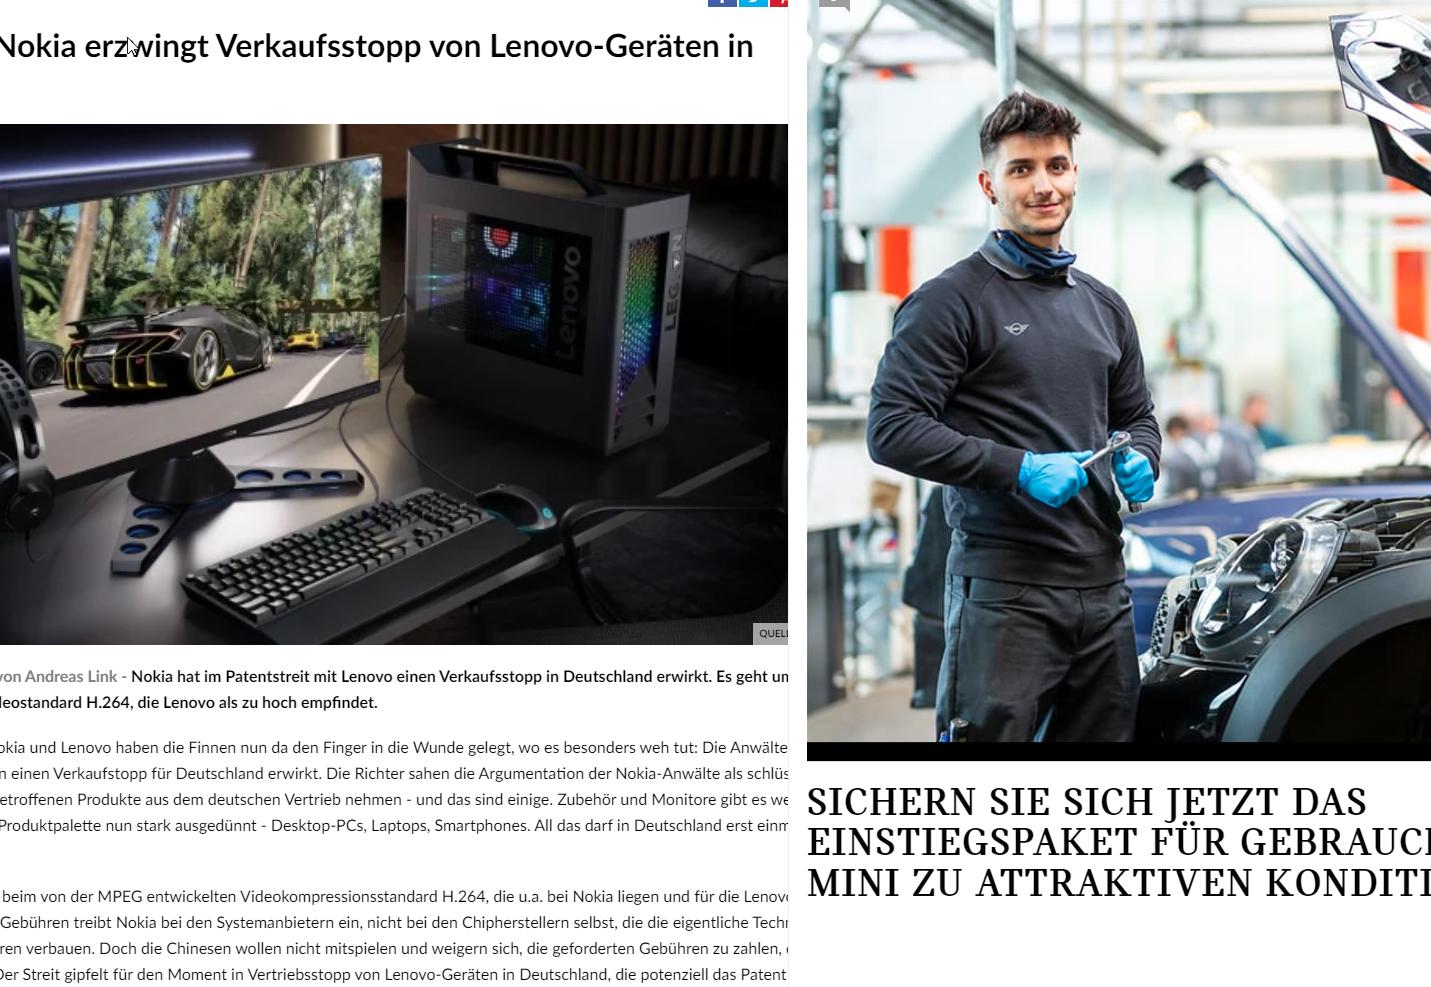 2020-10-22 17_46_16-Patentstreit_ Nokia erzwingt Verkaufsstopp von Lenovo-Geräten in Deutschland.png